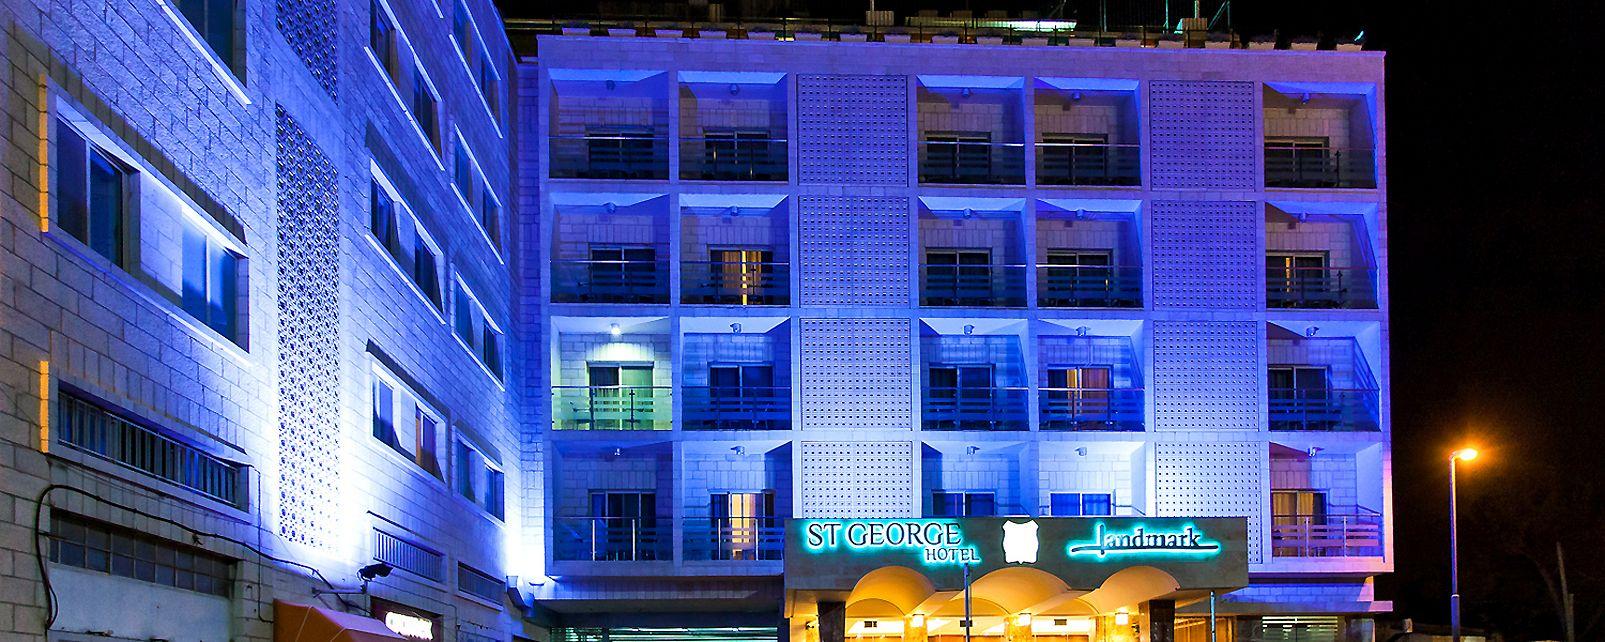 Hotel St George Landmark